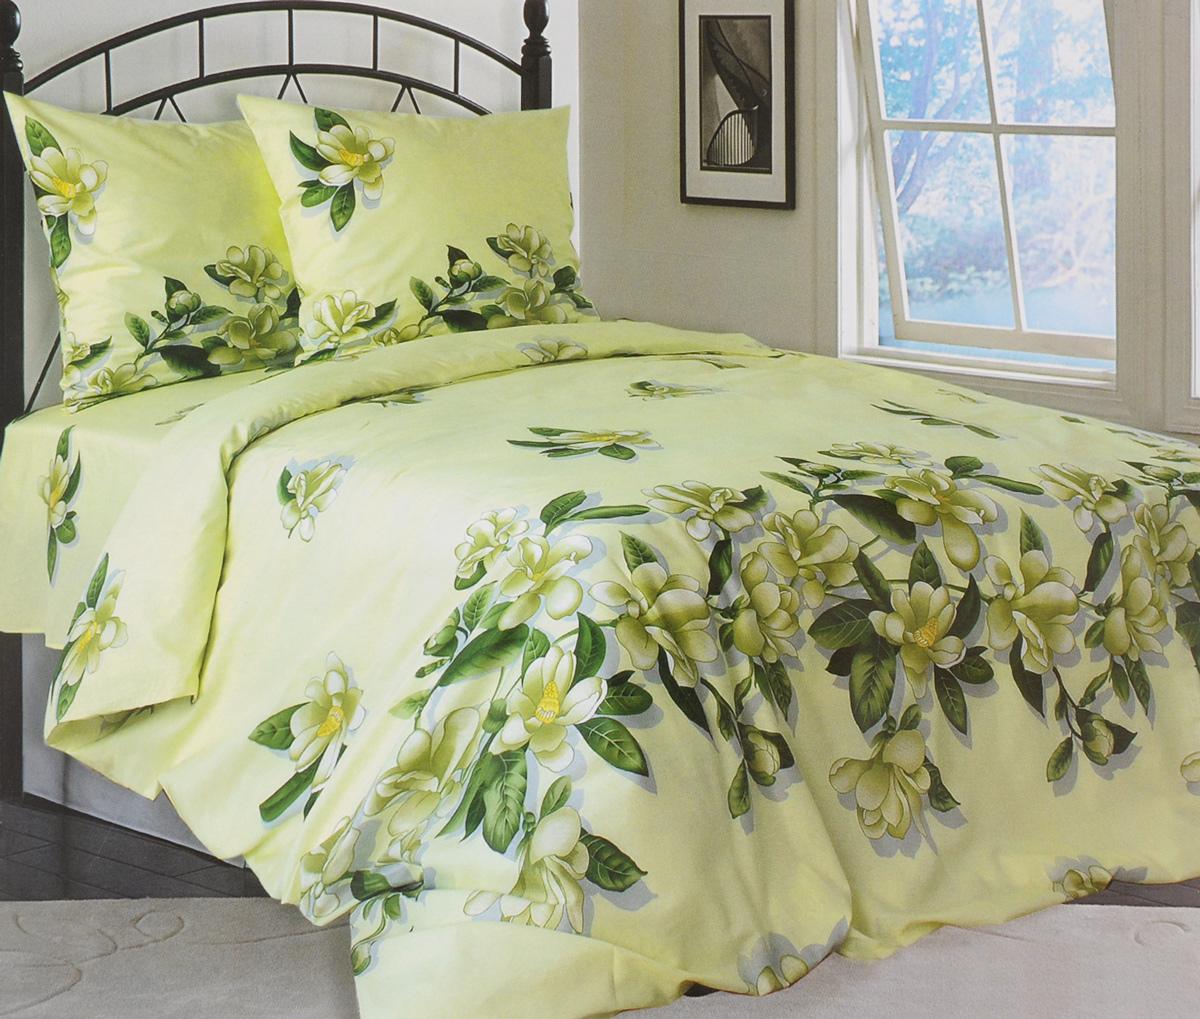 Комплект белья Катюша Юнона, 2-спальный, наволочки 70х70, цвет: зеленый, серый, желтый10503Роскошный комплект белья Катюша Юнона, выполненный из бязи (100% натуральногохлопка), состоит из пододеяльника, простыни и двух наволочек. Постельное белье оформлено изображением цветов и имеет изысканный внешний вид. Бязь - это ткань полотняного переплетения, изготовленная из экологически чистого и натурального 100% хлопка.Она приятная на ощупь, при этом очень прочная, хорошо сохраняет форму и легко гладится. Ткань прекрасно пропускает воздух и за ней легко ухаживать. Приобретая комплект постельного белья Катюша Юнона, вы можете быть уверенны в том, что покупка доставит вам и вашим близким удовольствие и подарит максимальный комфорт.